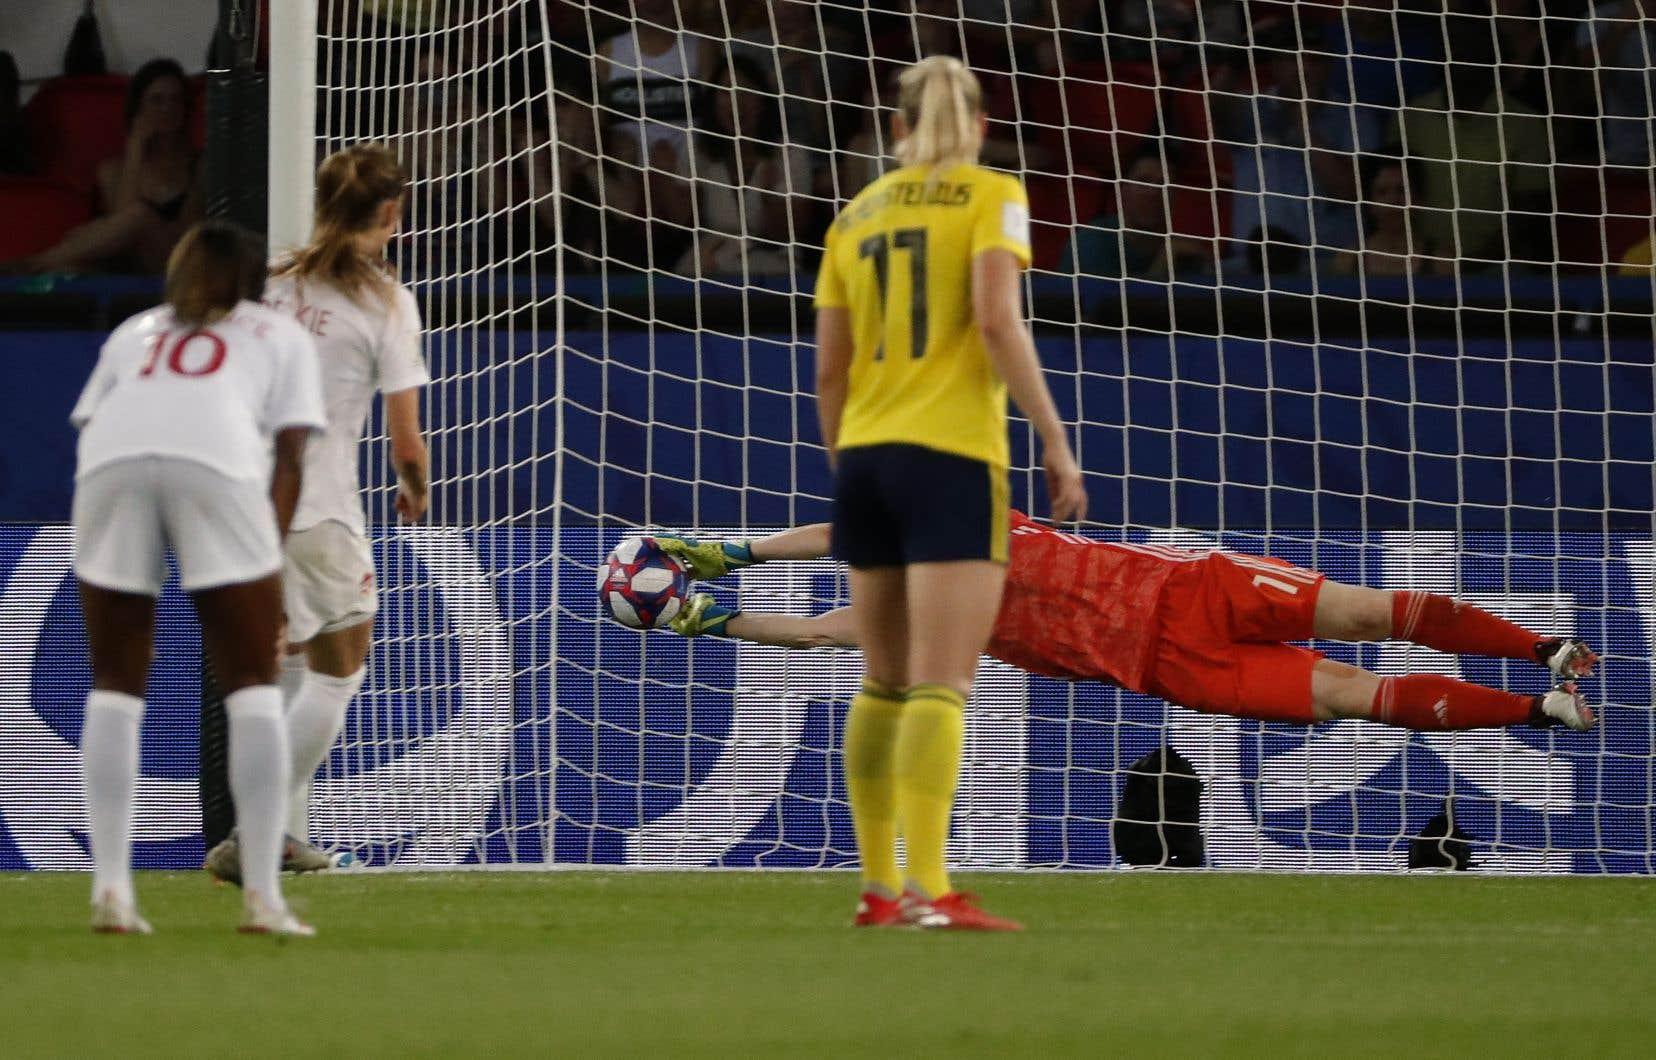 La gardienne suédoise repousse avec brio un tir de pénalité tiré, à la demande de la capitaine Christine Sinclair, par Janine Beckie.